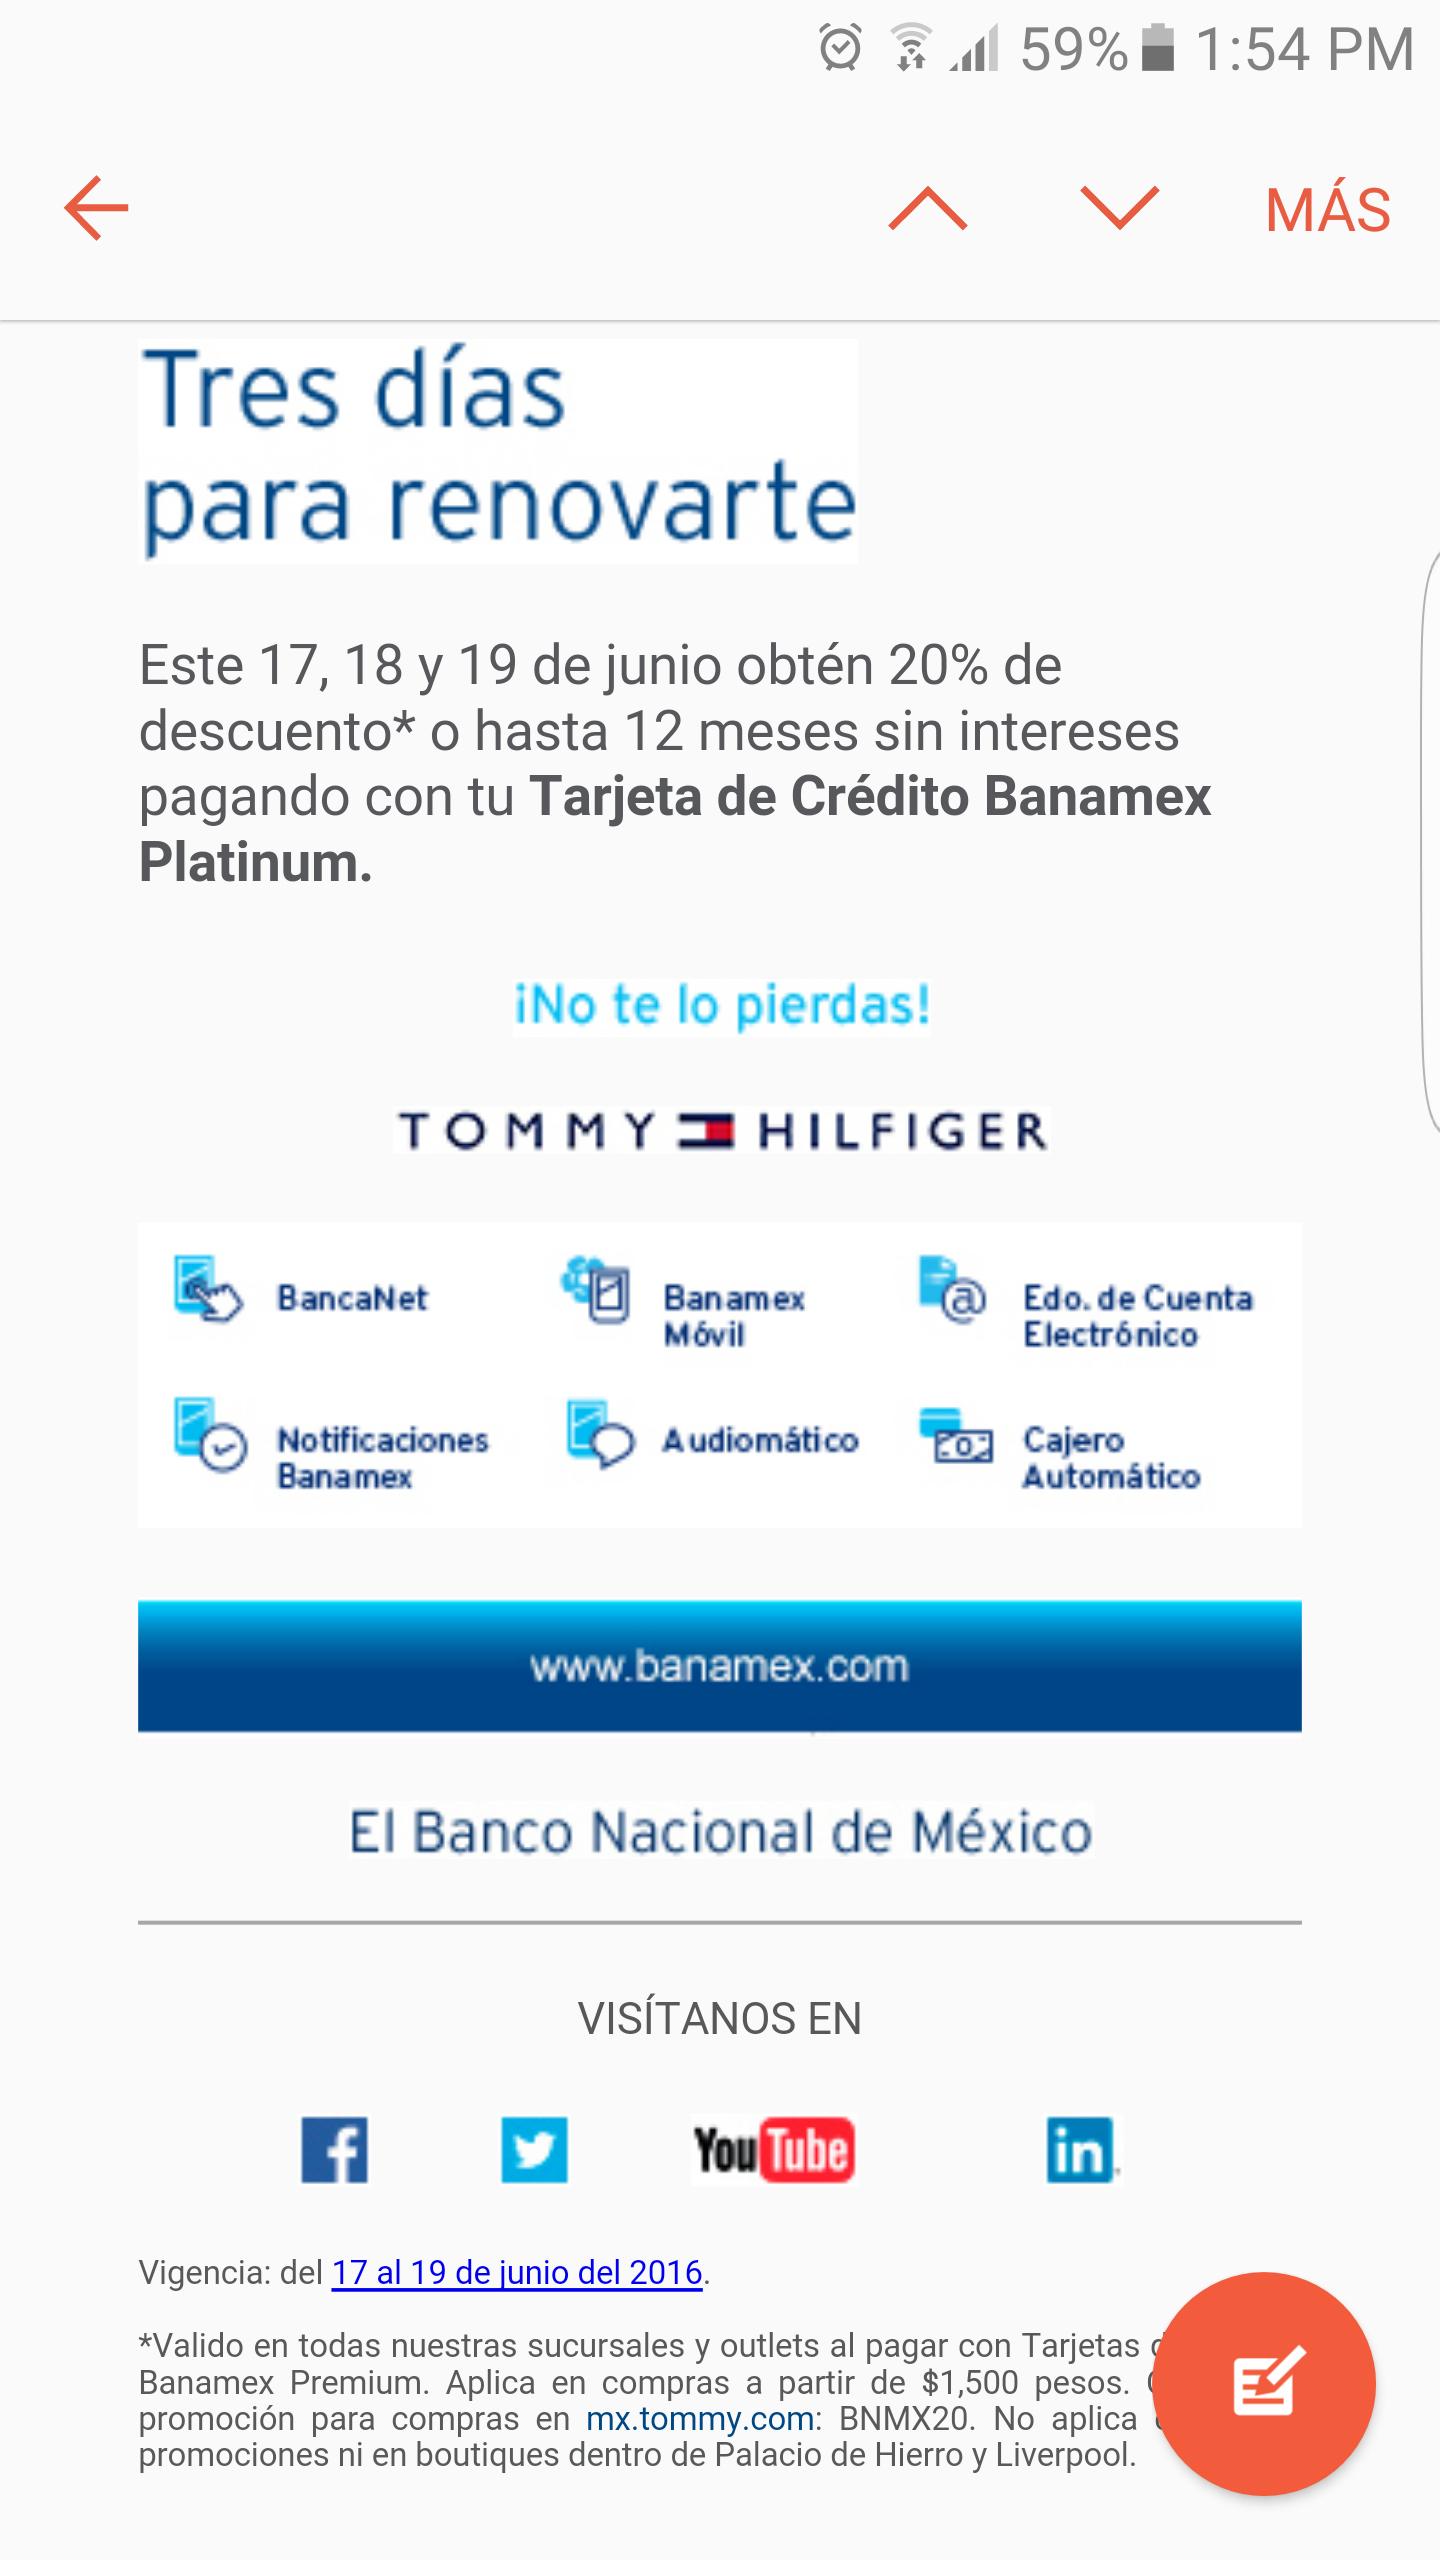 Tommy Hilfiger tiendas e internet: 20% de descuento al pagar con Banamex